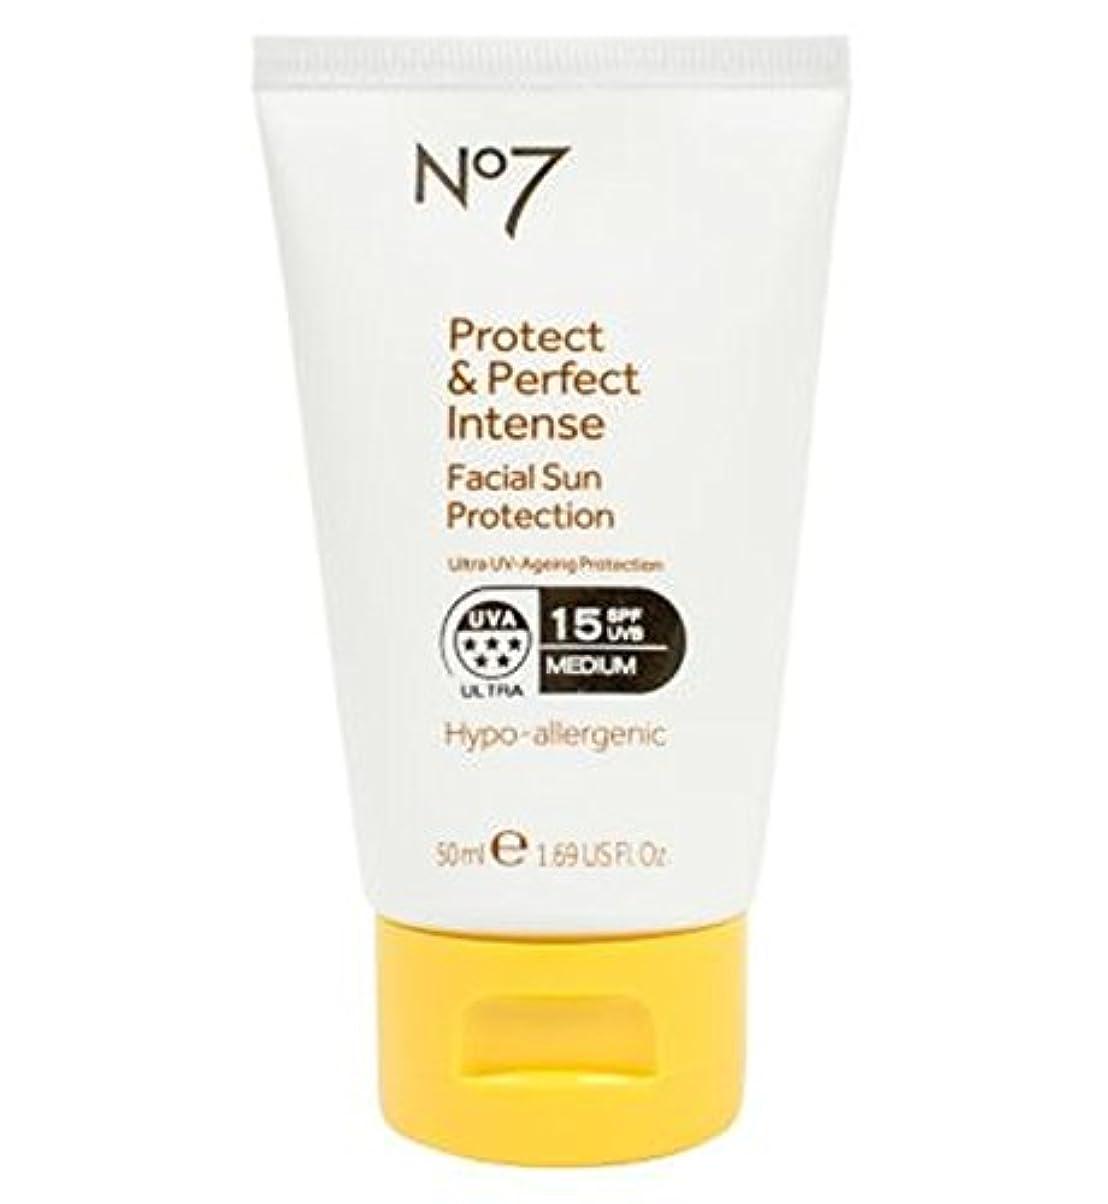 夕食を食べるきらめく鉛筆No7保護&完璧な強烈な顔の日焼け防止Spf 15 50ミリリットル (No7) (x2) - No7 Protect & Perfect Intense Facial Sun Protection SPF 15 50ml...